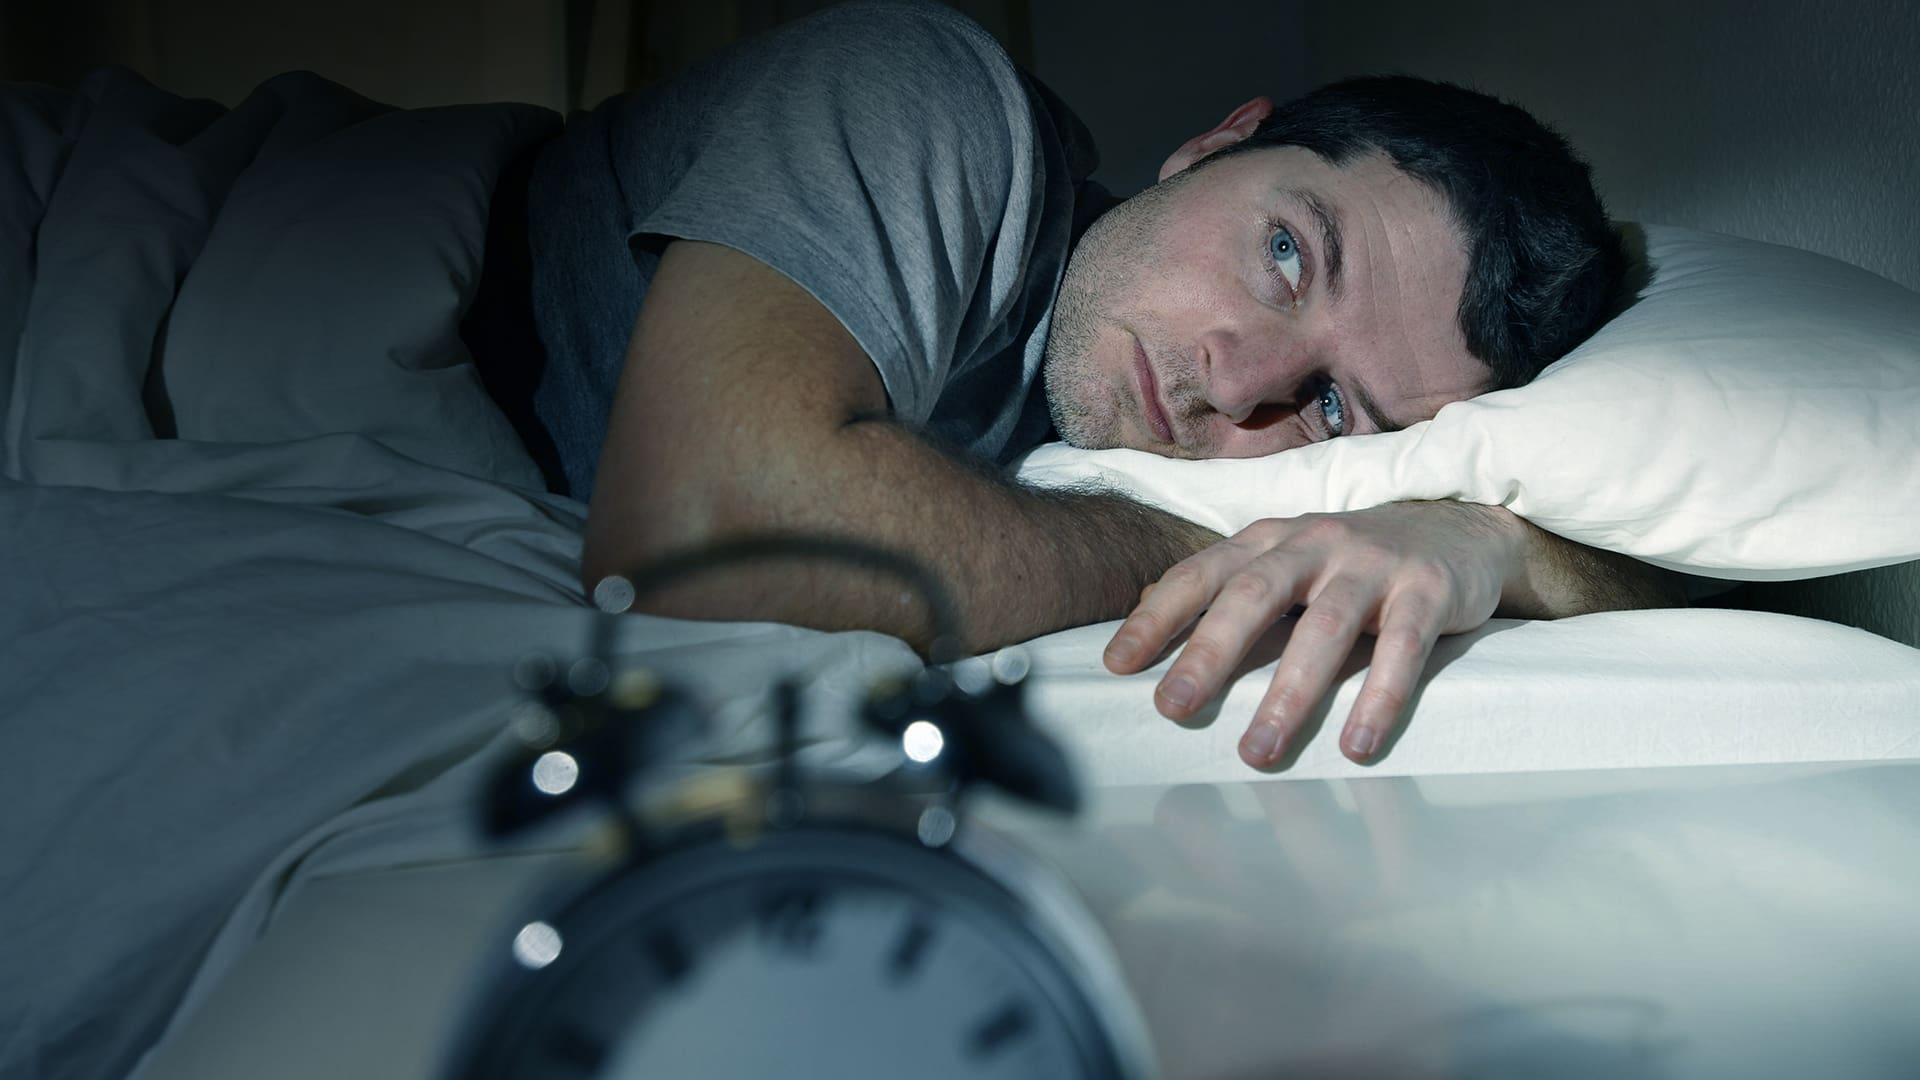 Sömnbrist leder till ökad aptit och sötsug